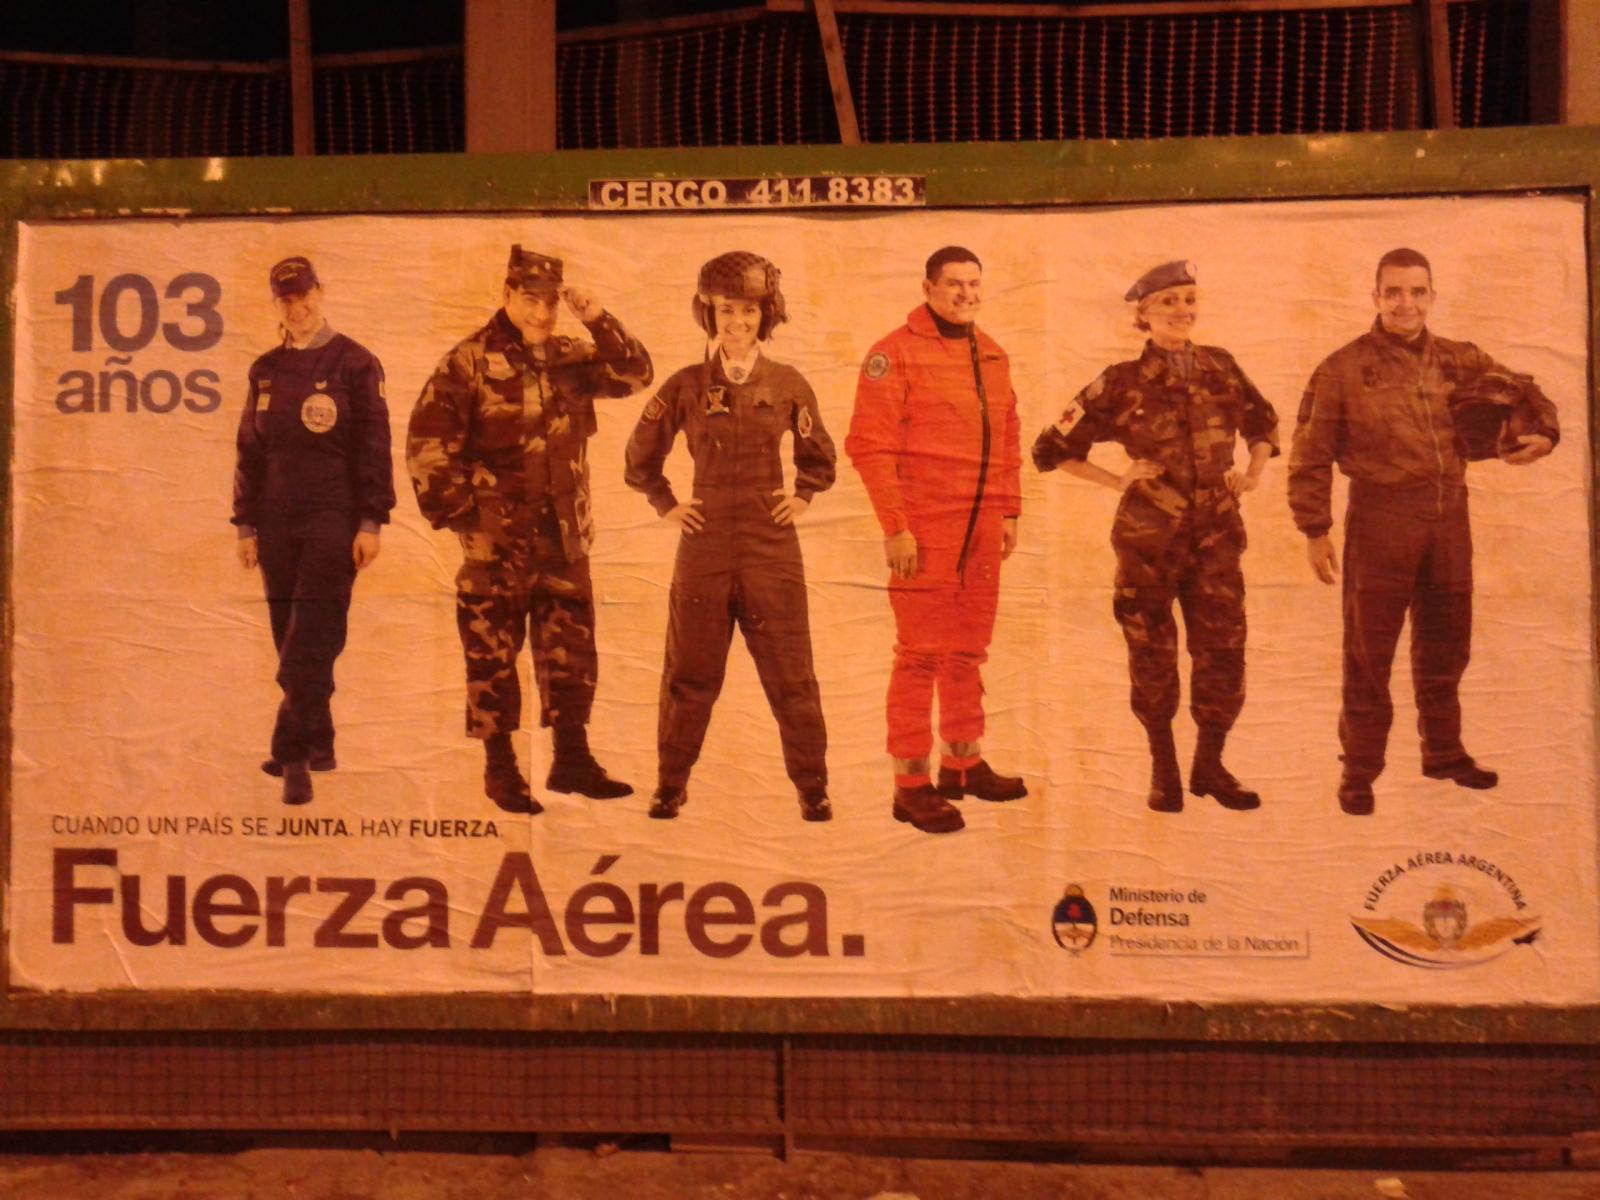 Aniversario de la Fuerza Aérea Argentina - Página 2 Whlag6